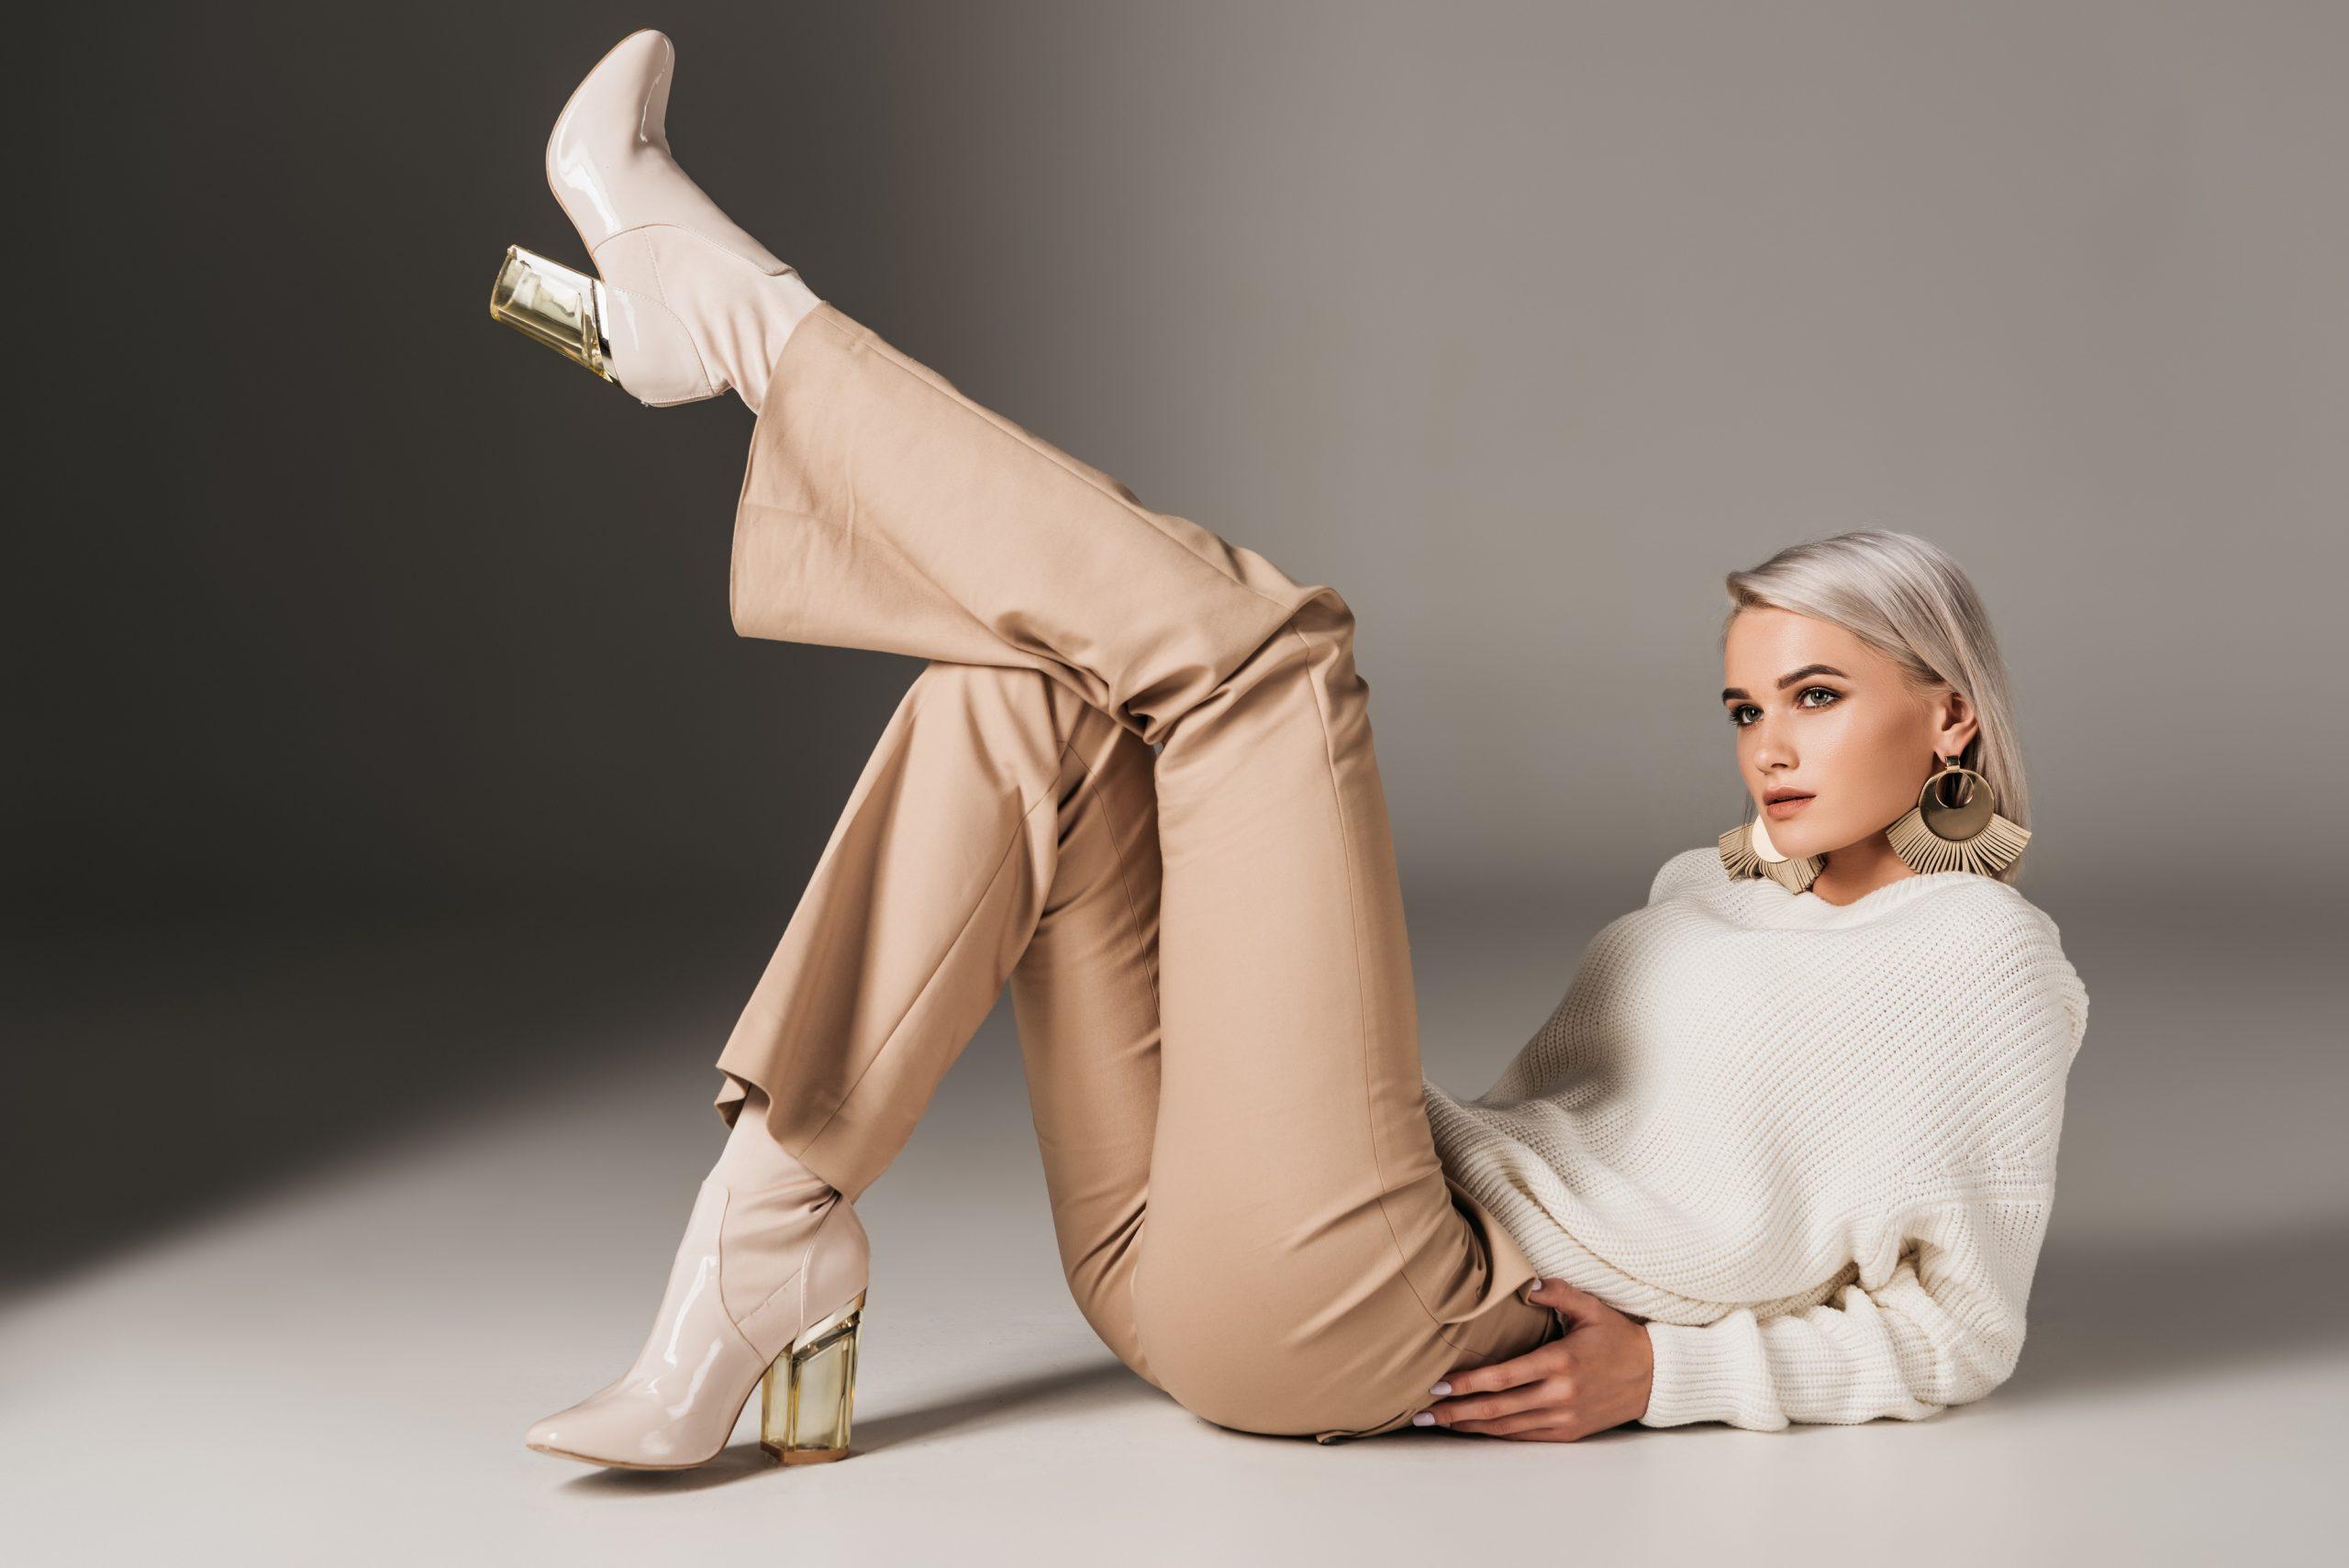 Pantofi in pas cu moda: descopera modelele perfecte pentru tine!